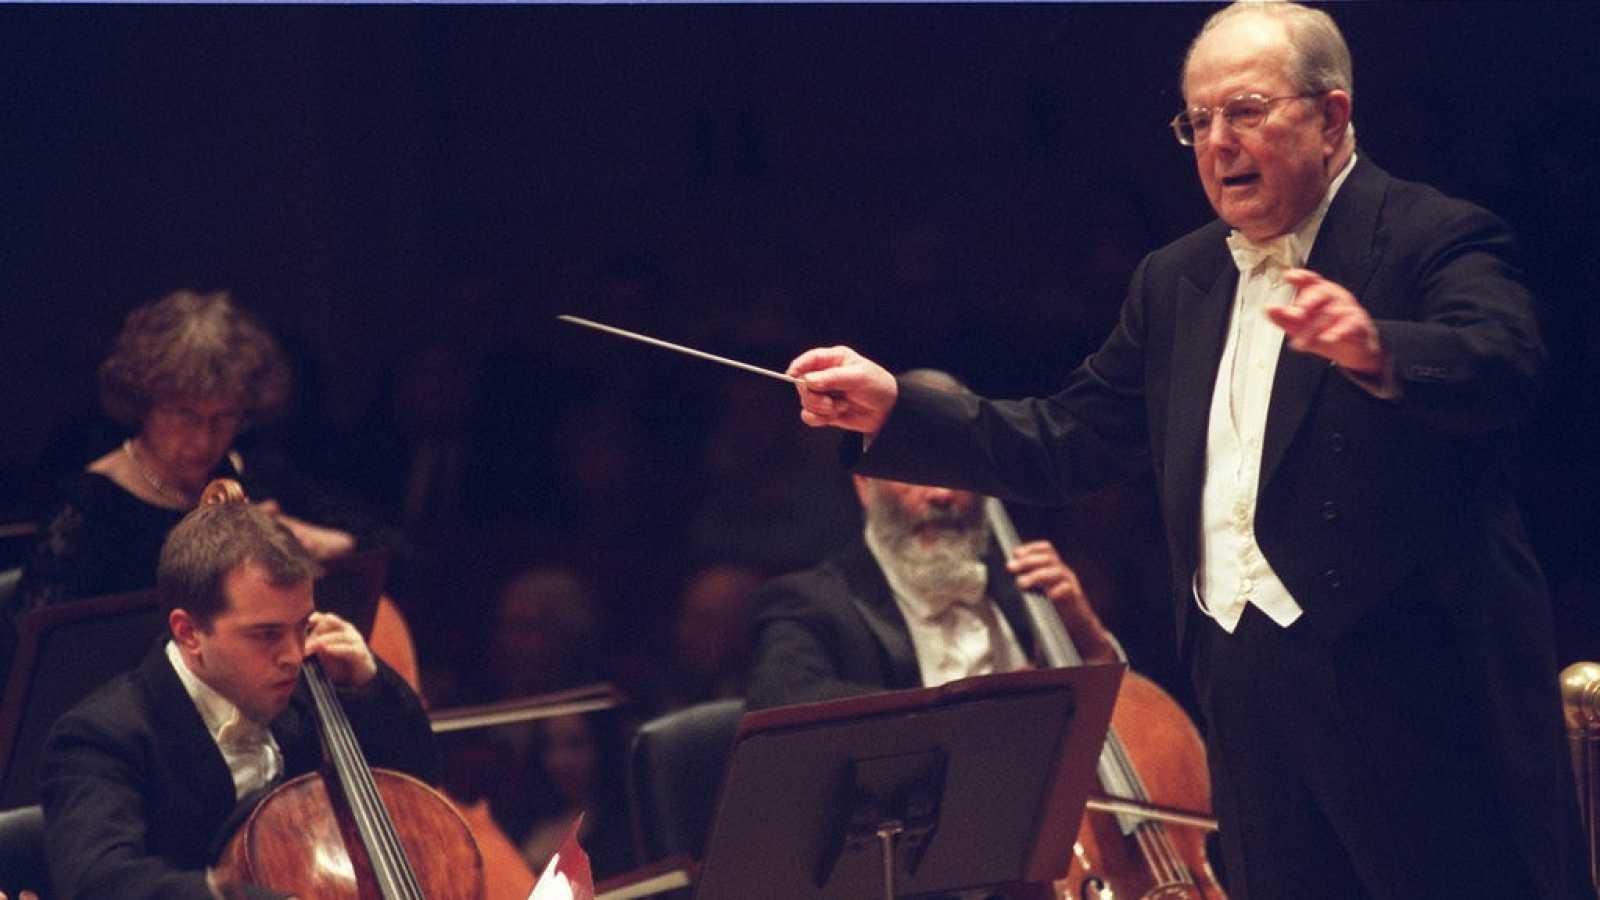 Armonías vocales - Música coral sacra de Franz Schubert - 28/11/20 - escuchar ahora